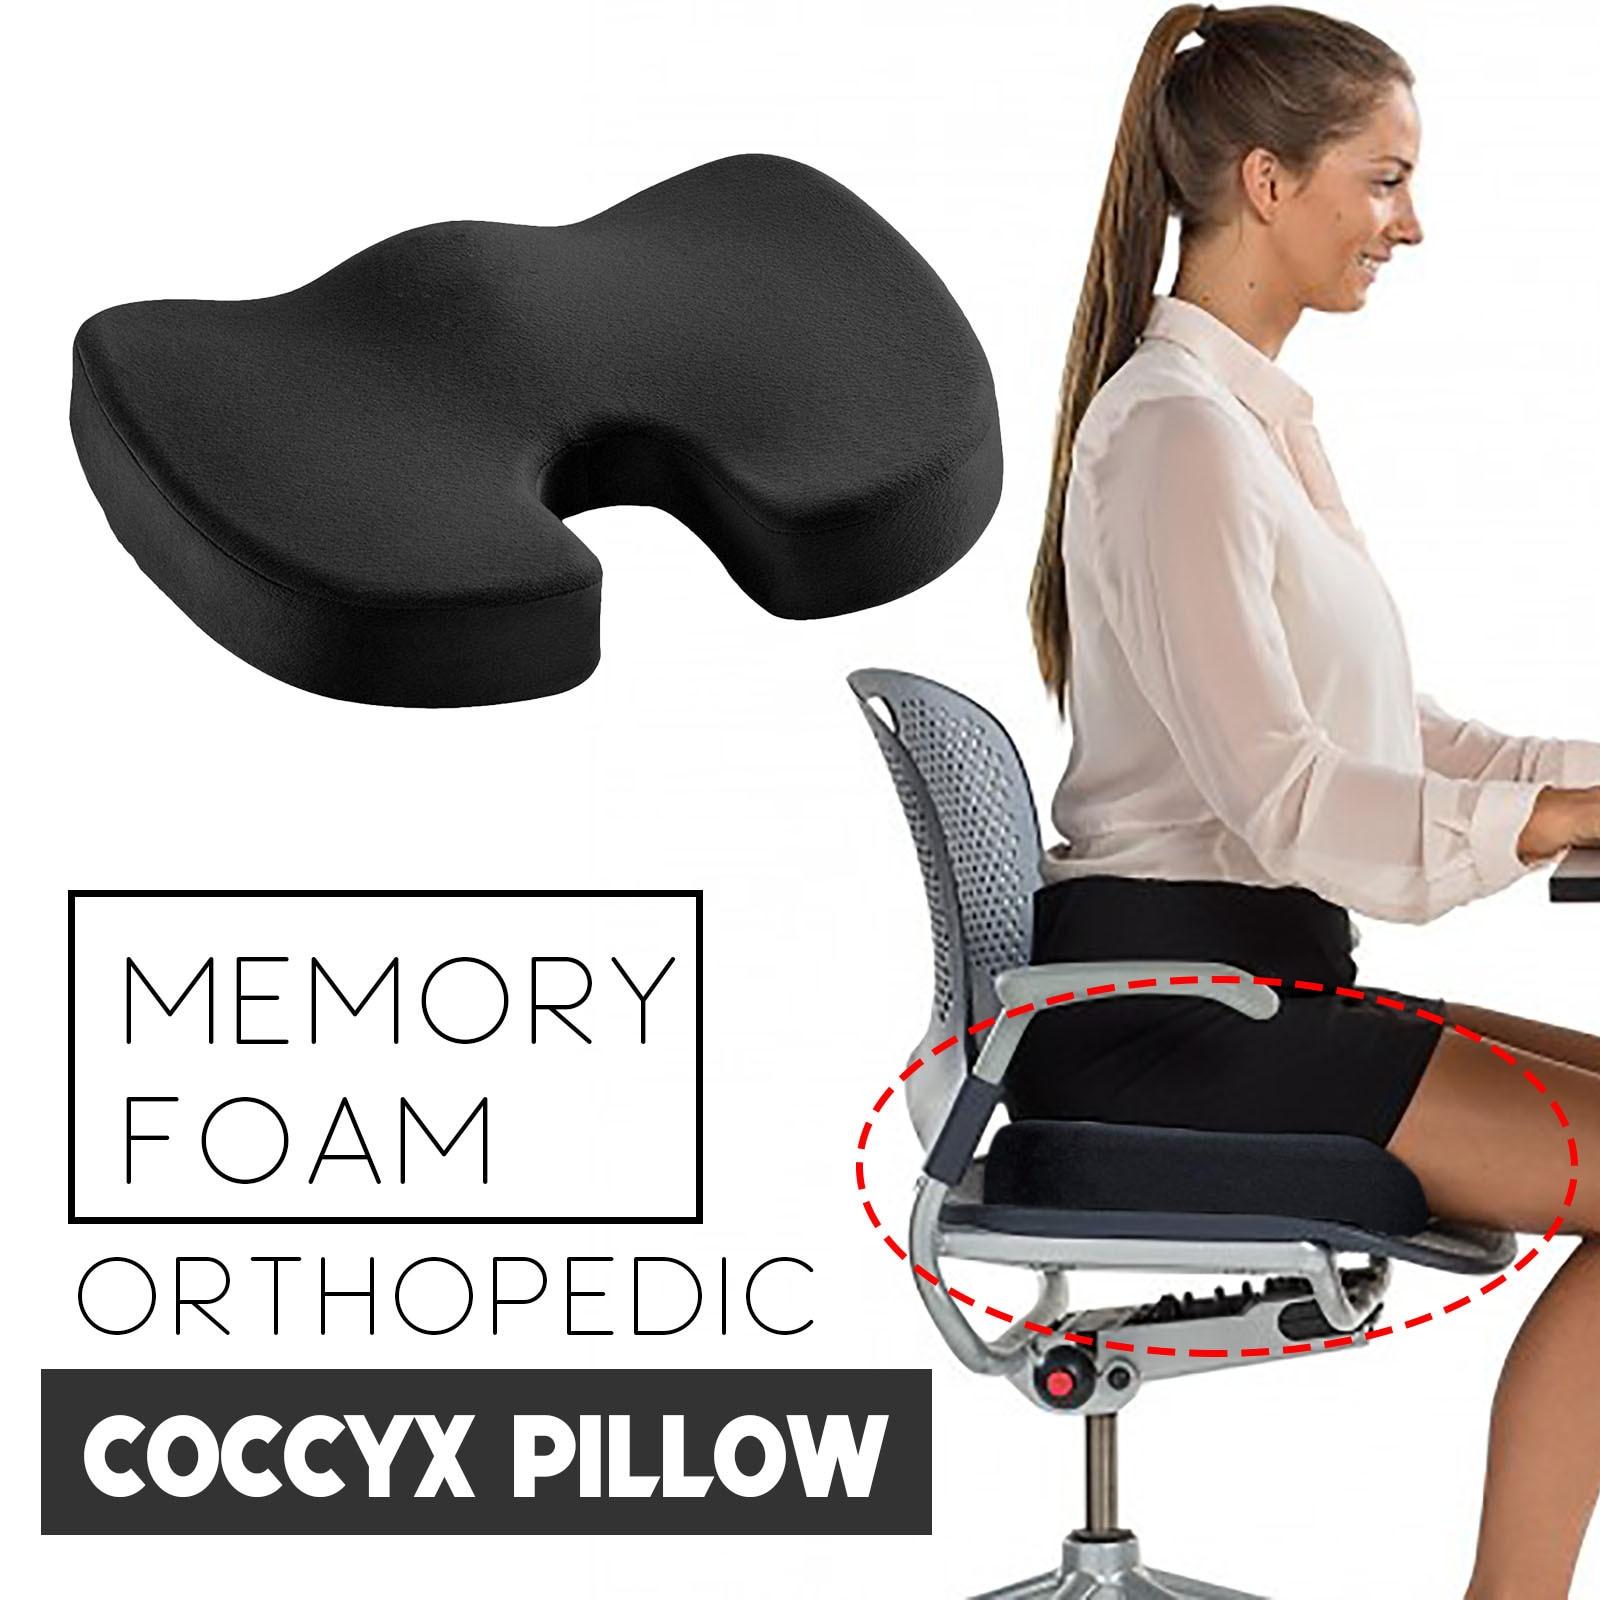 40 # gel ortopédico memória almofada espuma u coccyx assento de viagem massagem cadeira de escritório do carro proteger saudável sentado almofadas respiráveis